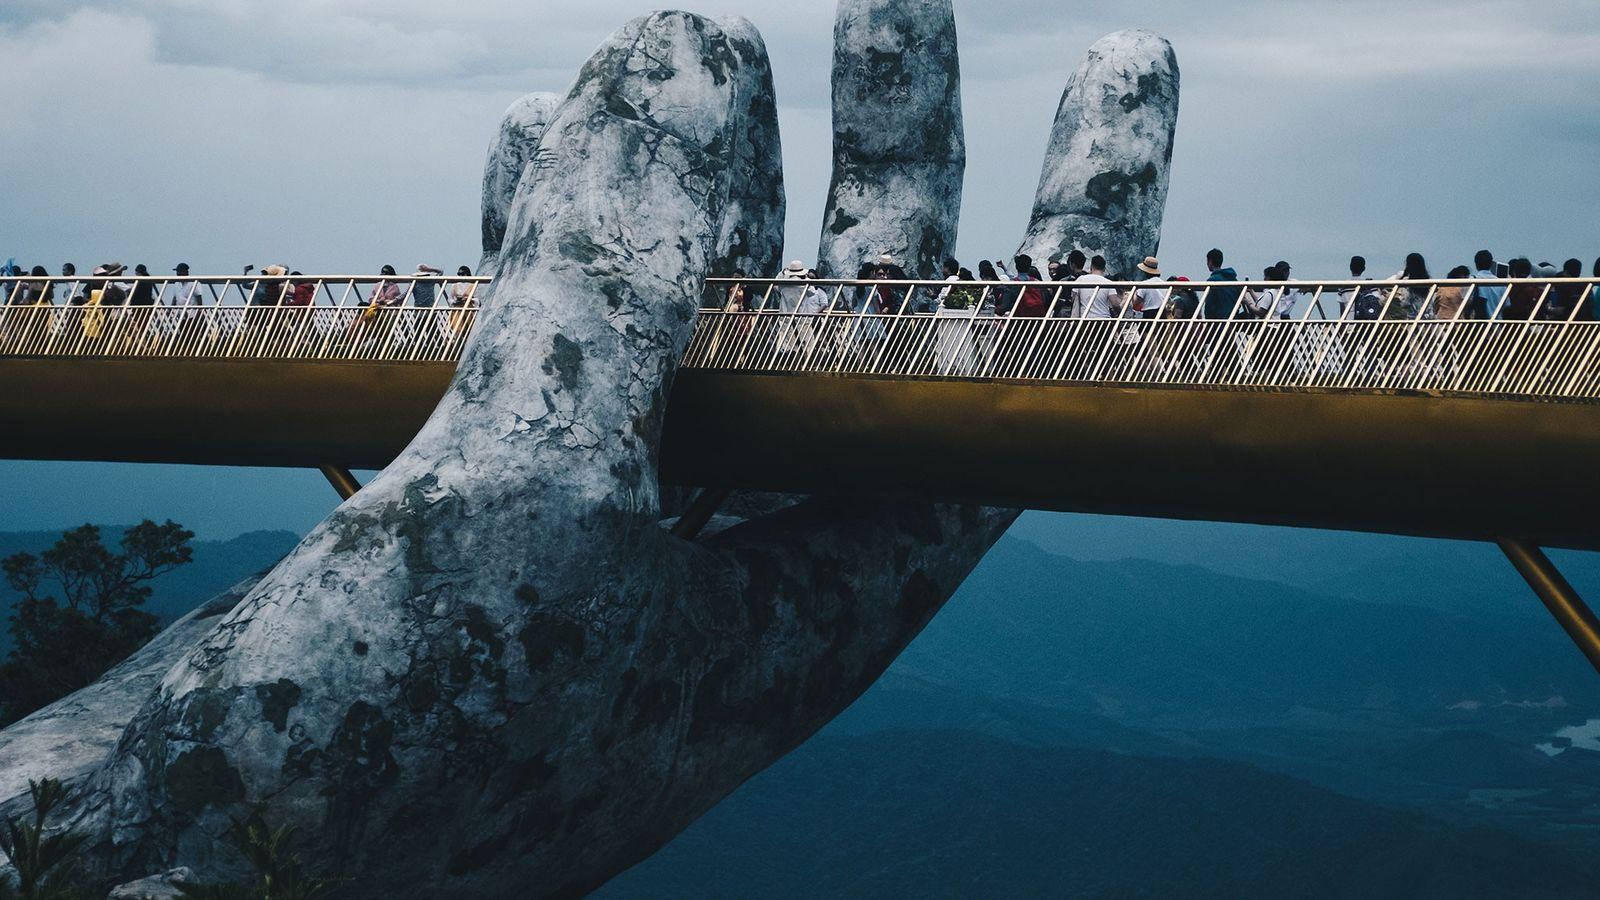 """Cau Vang, el """"puente dorado"""", acaba de inaugurarse cerca de Da Nang, Vietnam."""